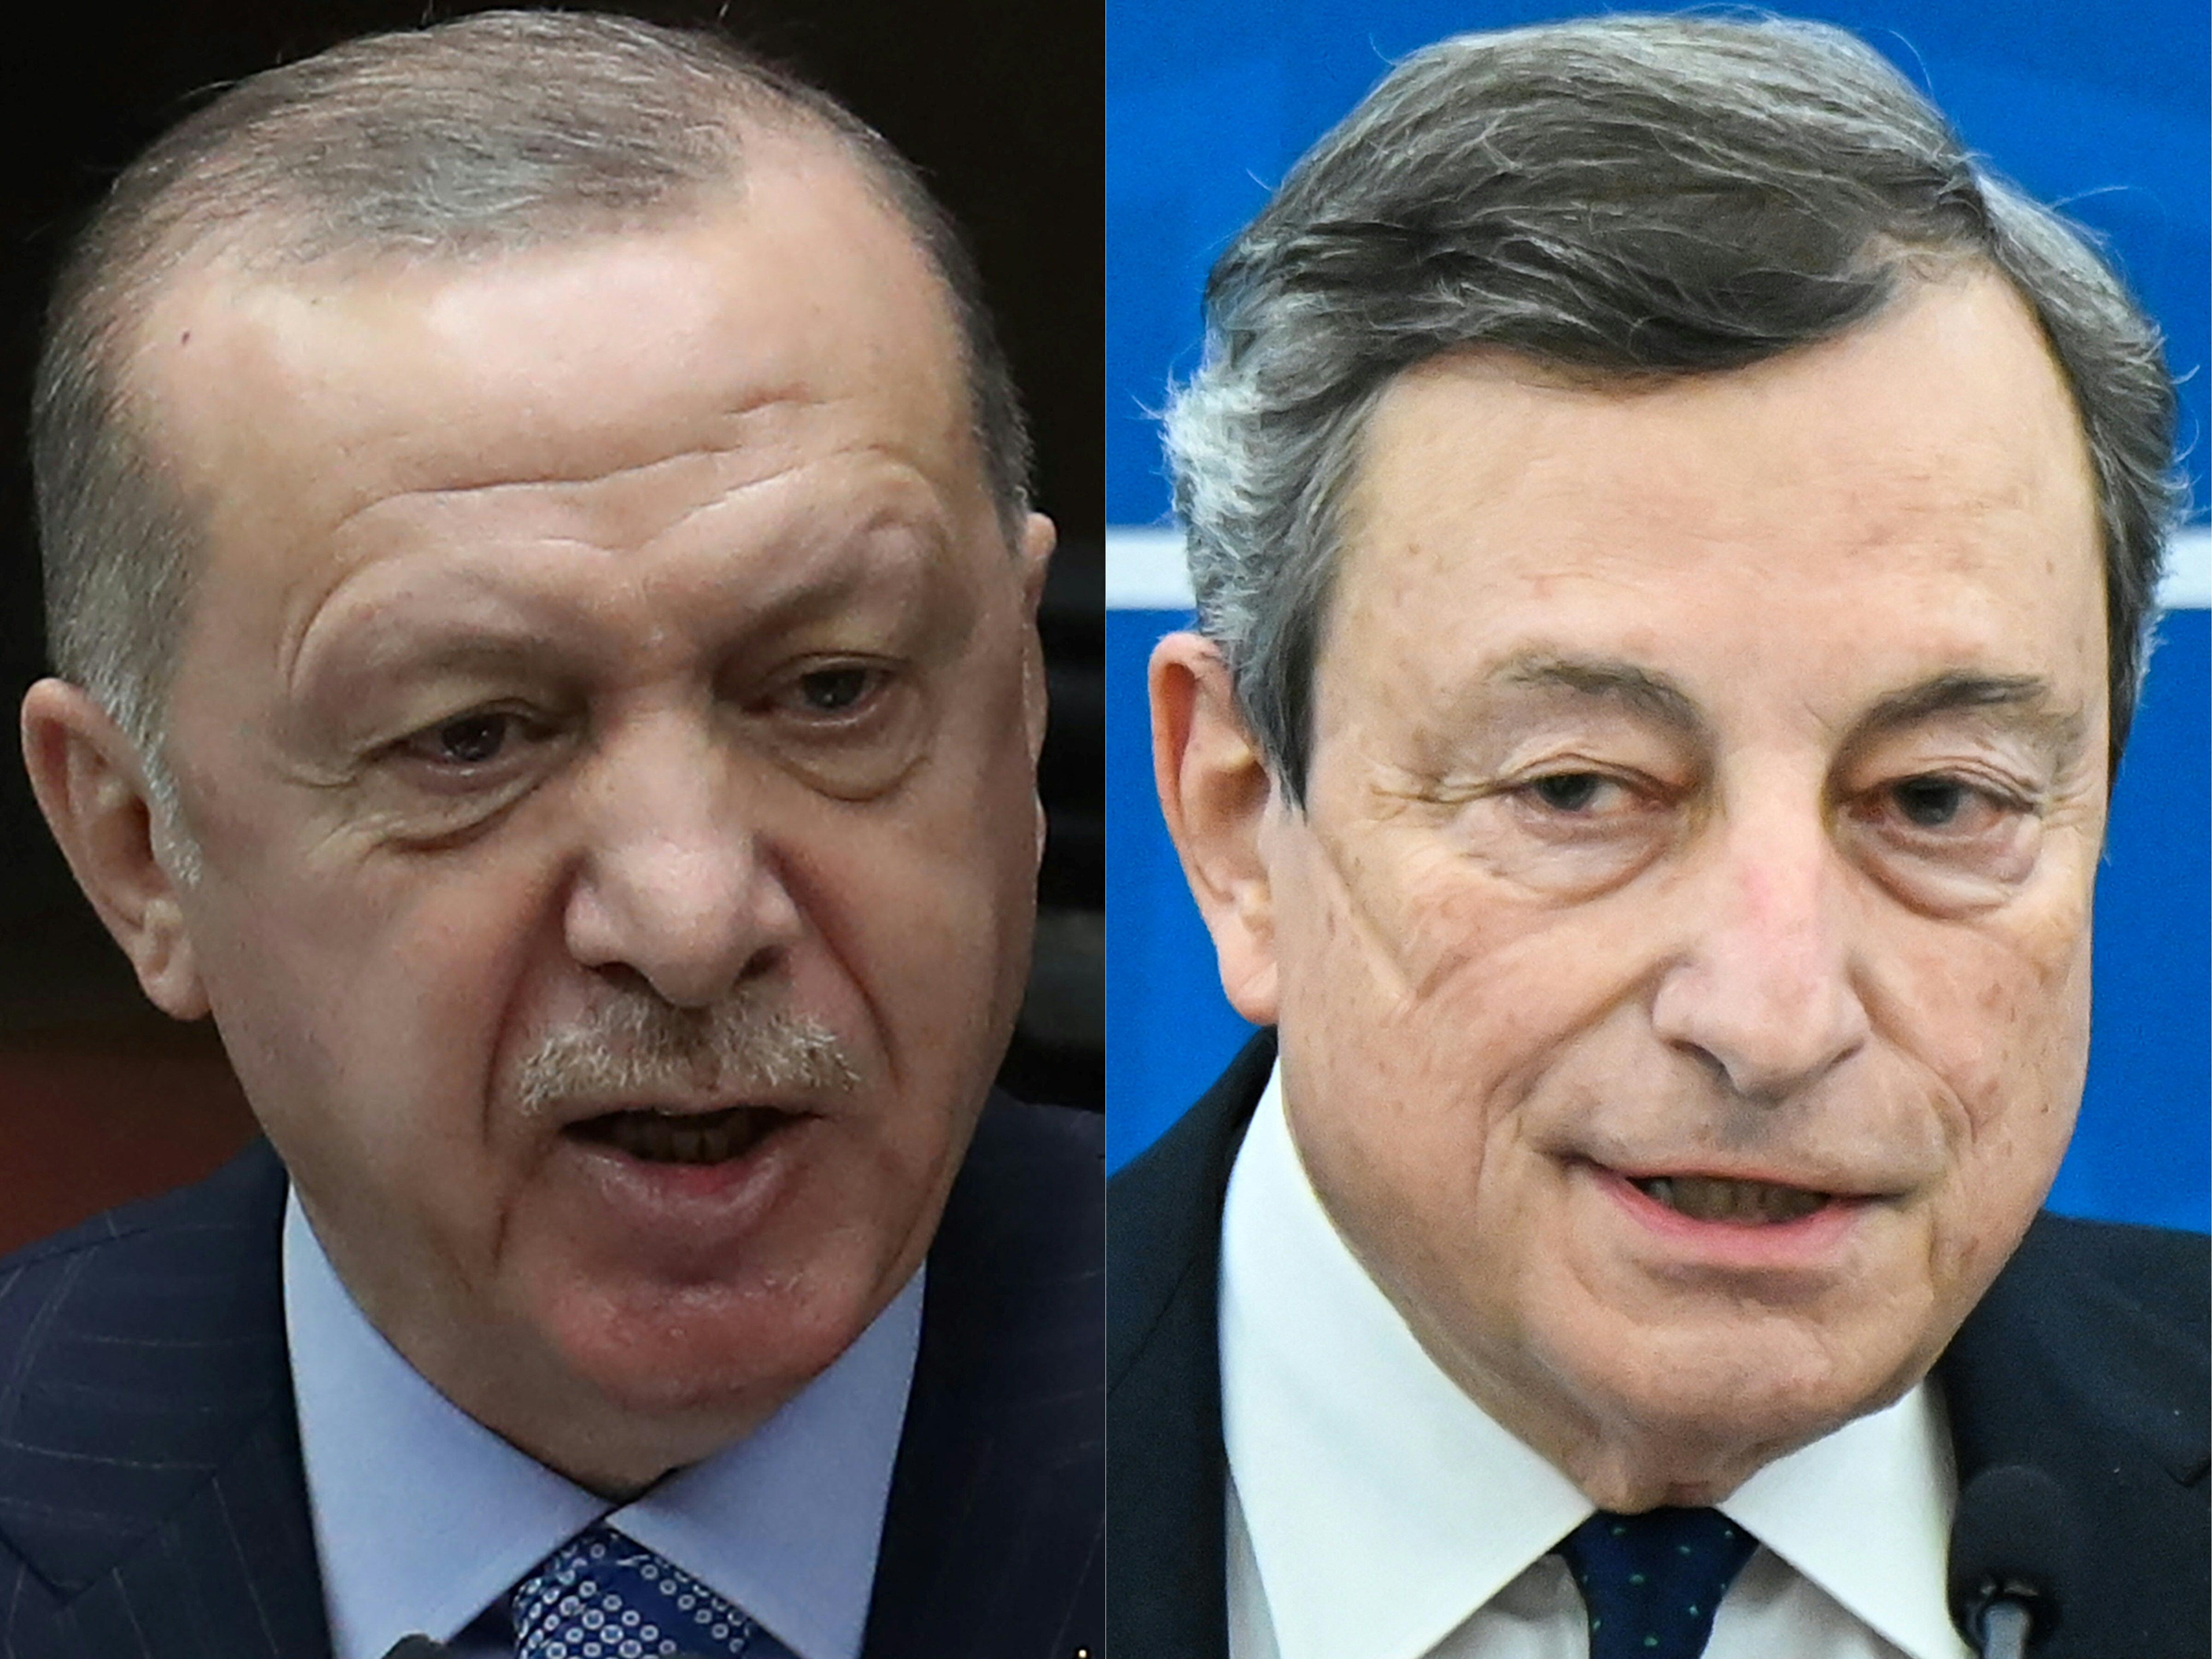 Erdoğan rossz néven vette, hogy az olasz miniszterelnök lediktátorozta